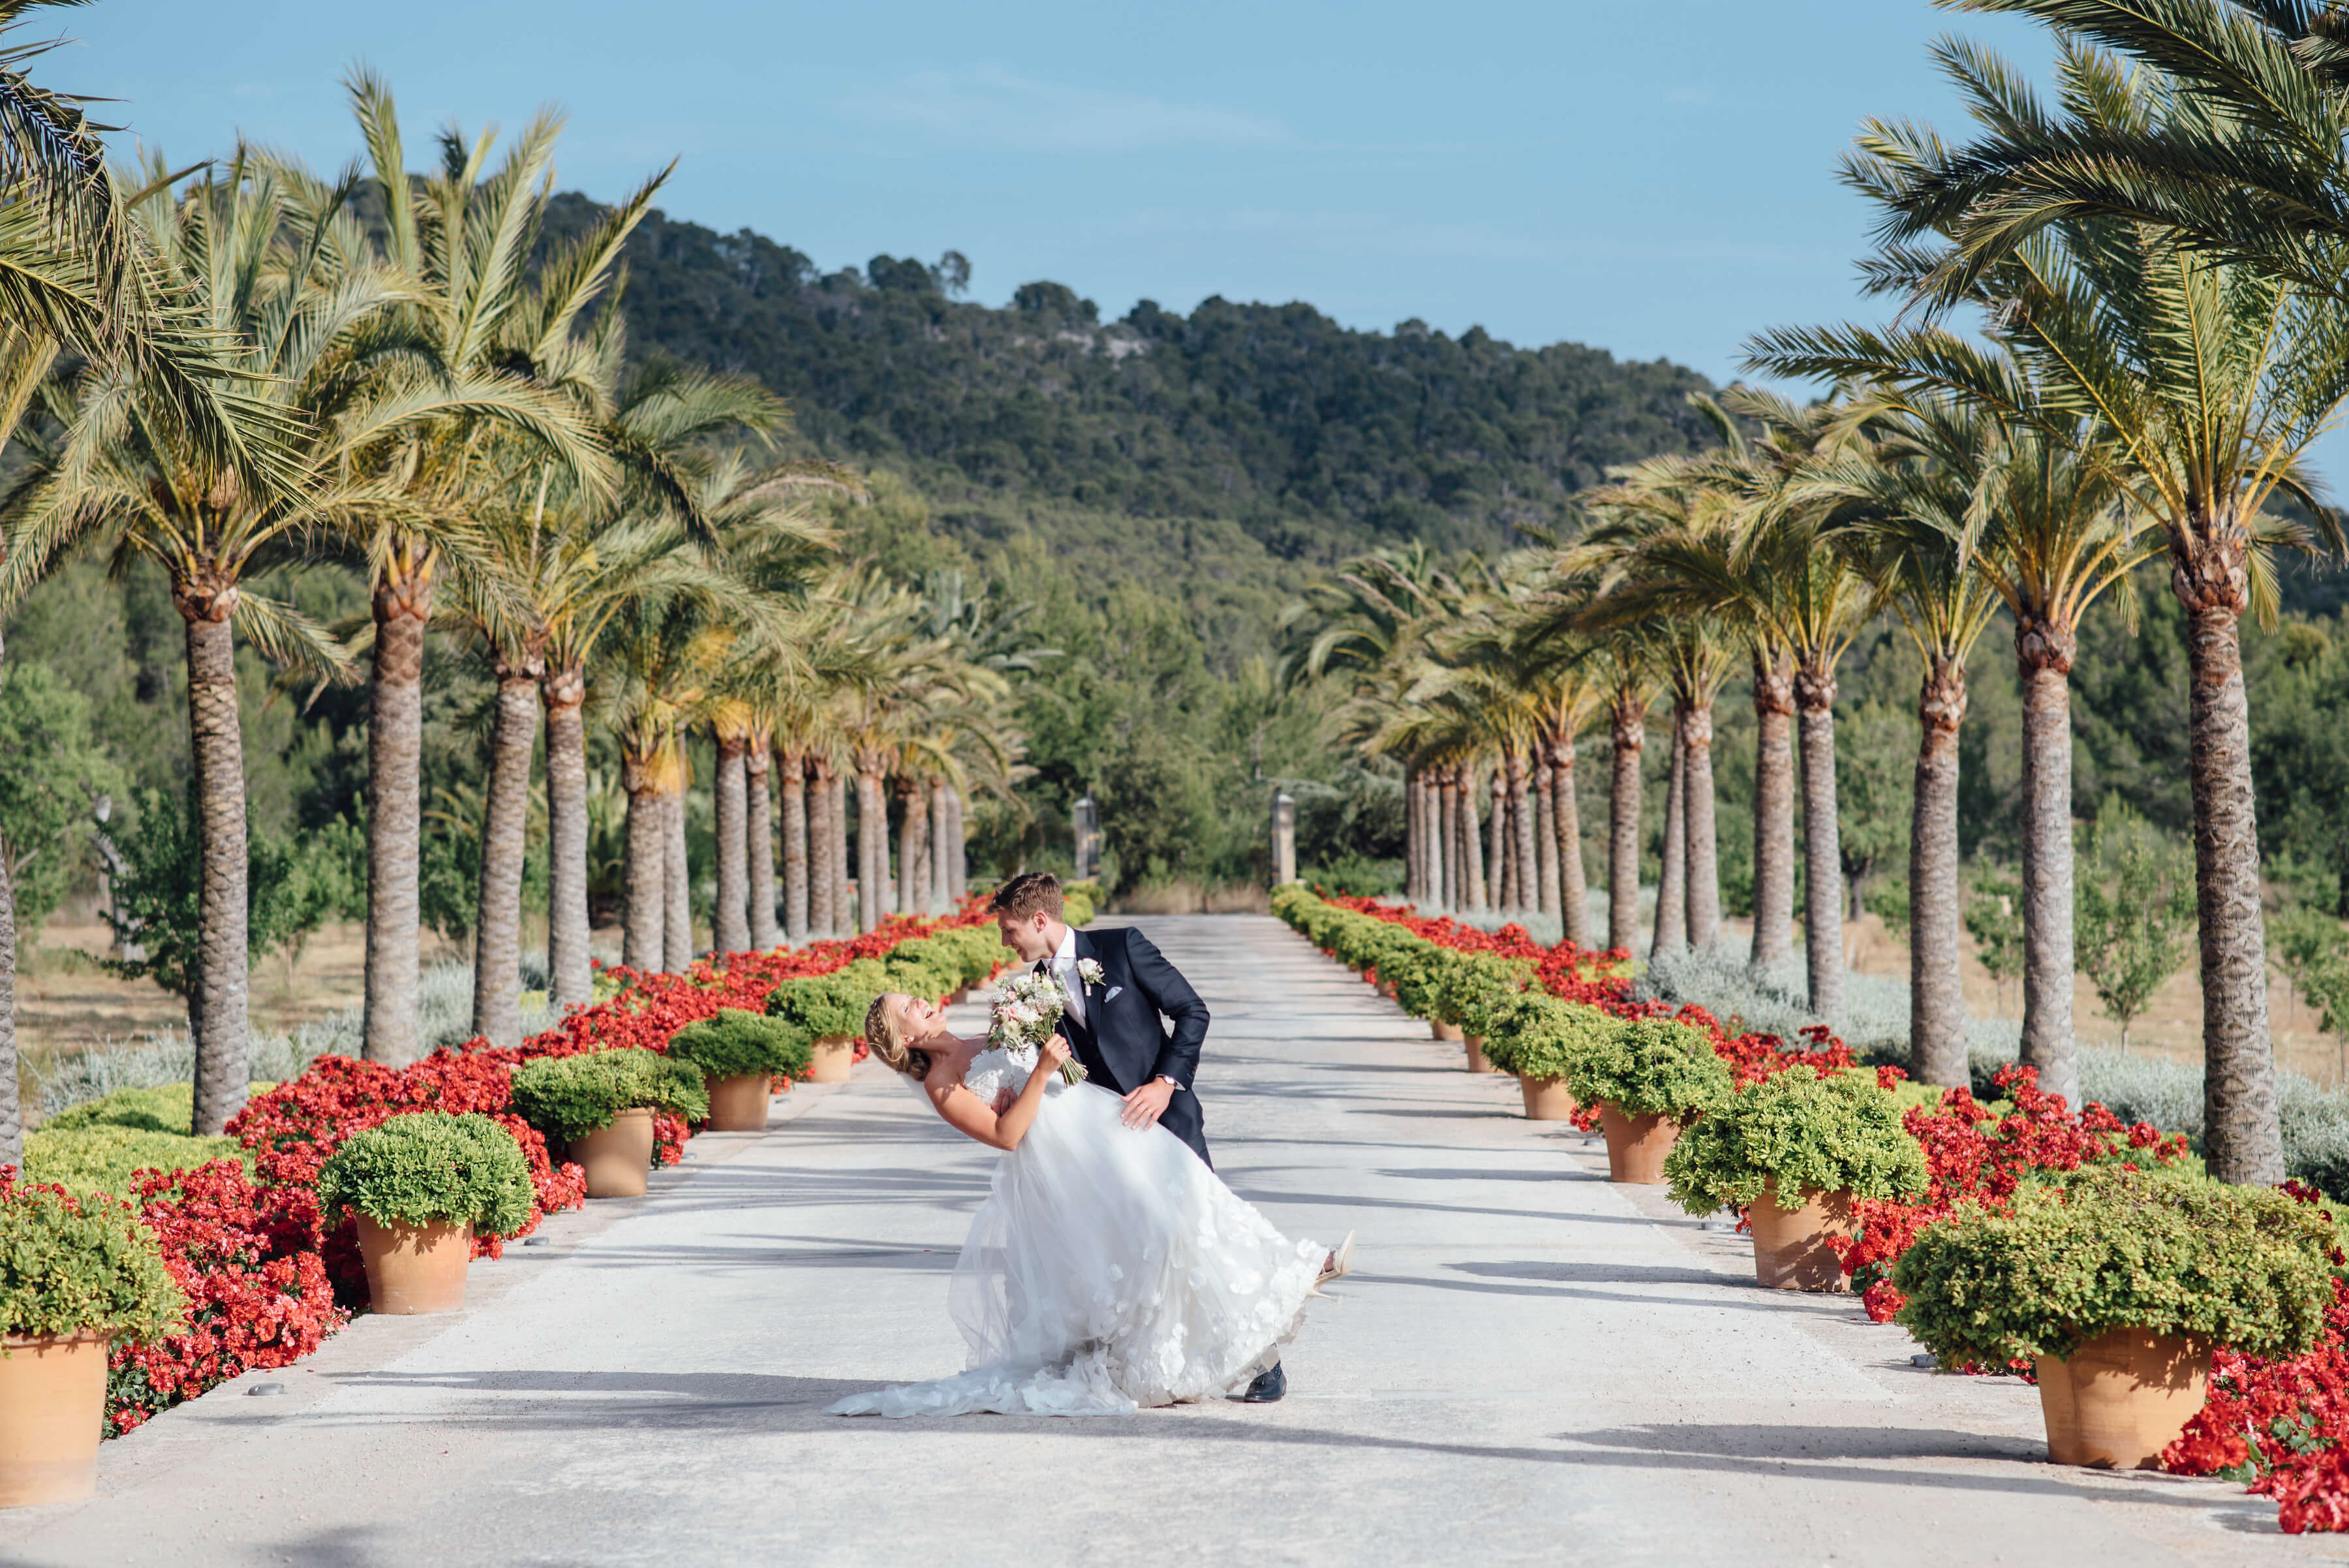 Eventos de lujo en Mallorca, Castell Son Claret (12)